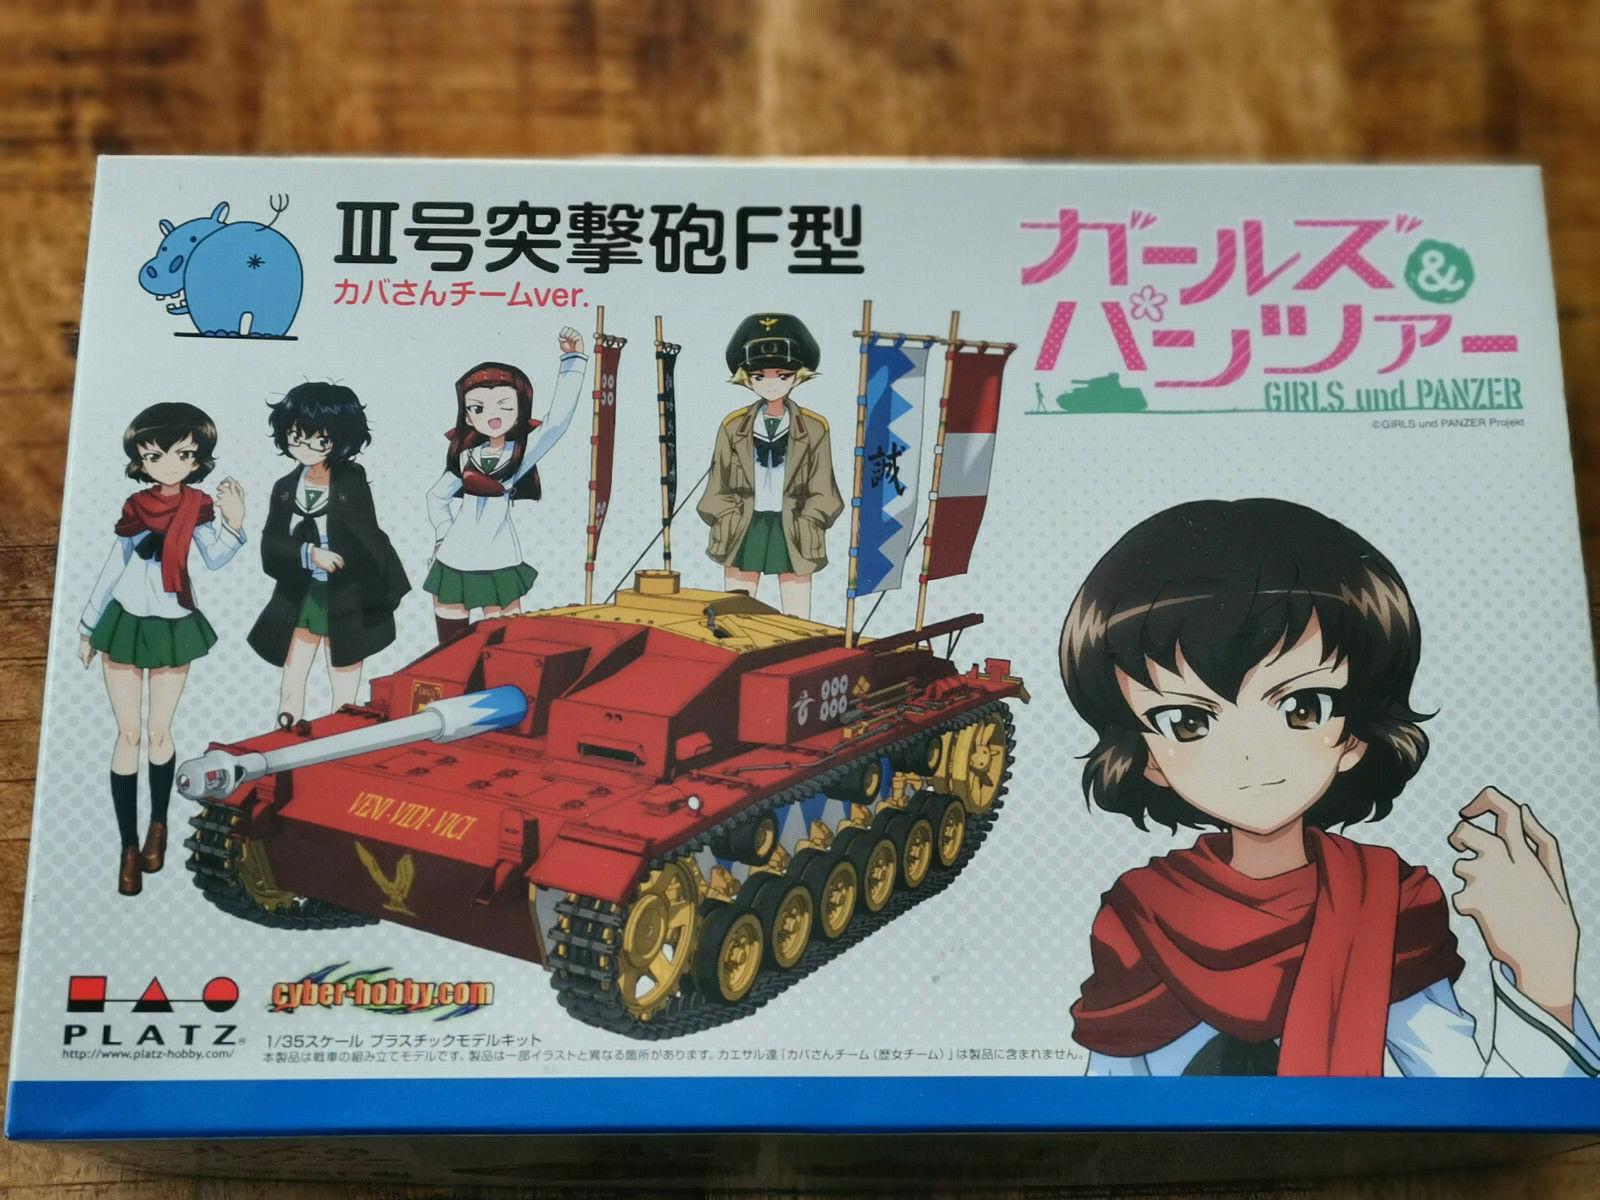 1 35  Girls und Panzer  Panzer StuG III Bausatz  (Platz - Dragon)